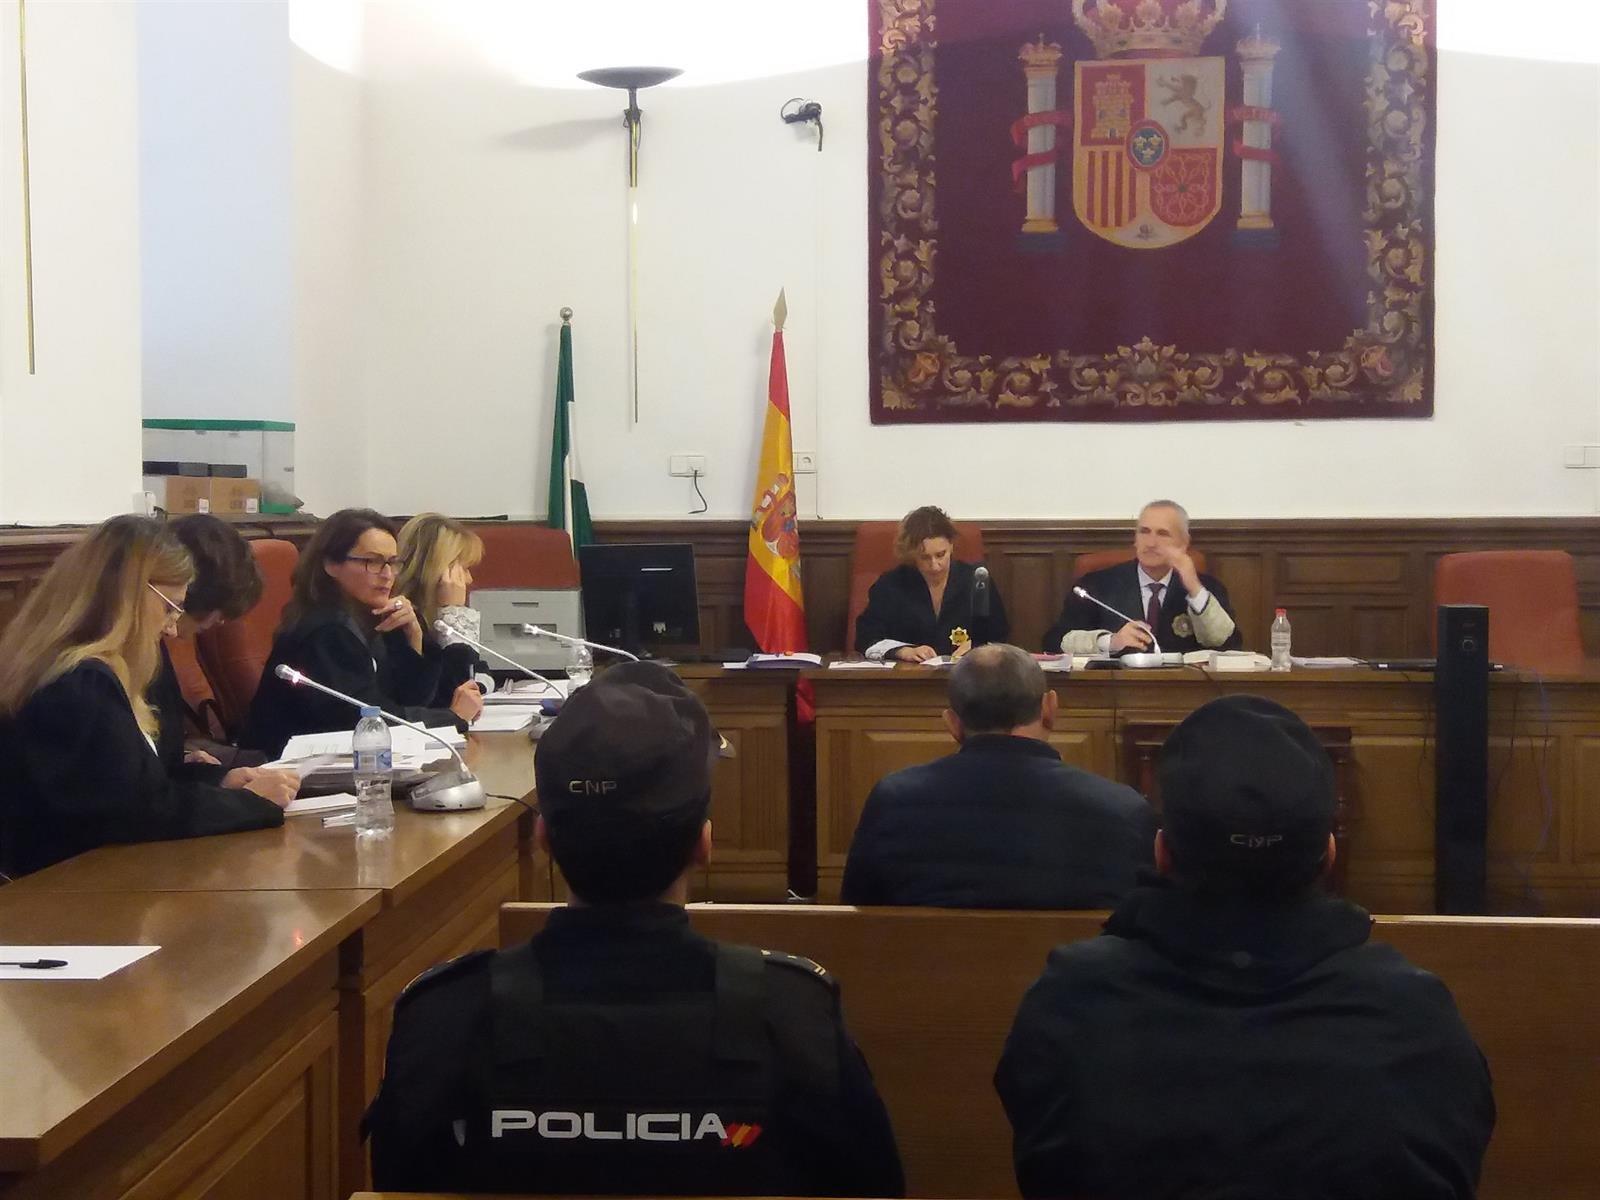 El jurado del juicio contra el acusado de matar a su mujer en Guadahortuna comienza a deliberar